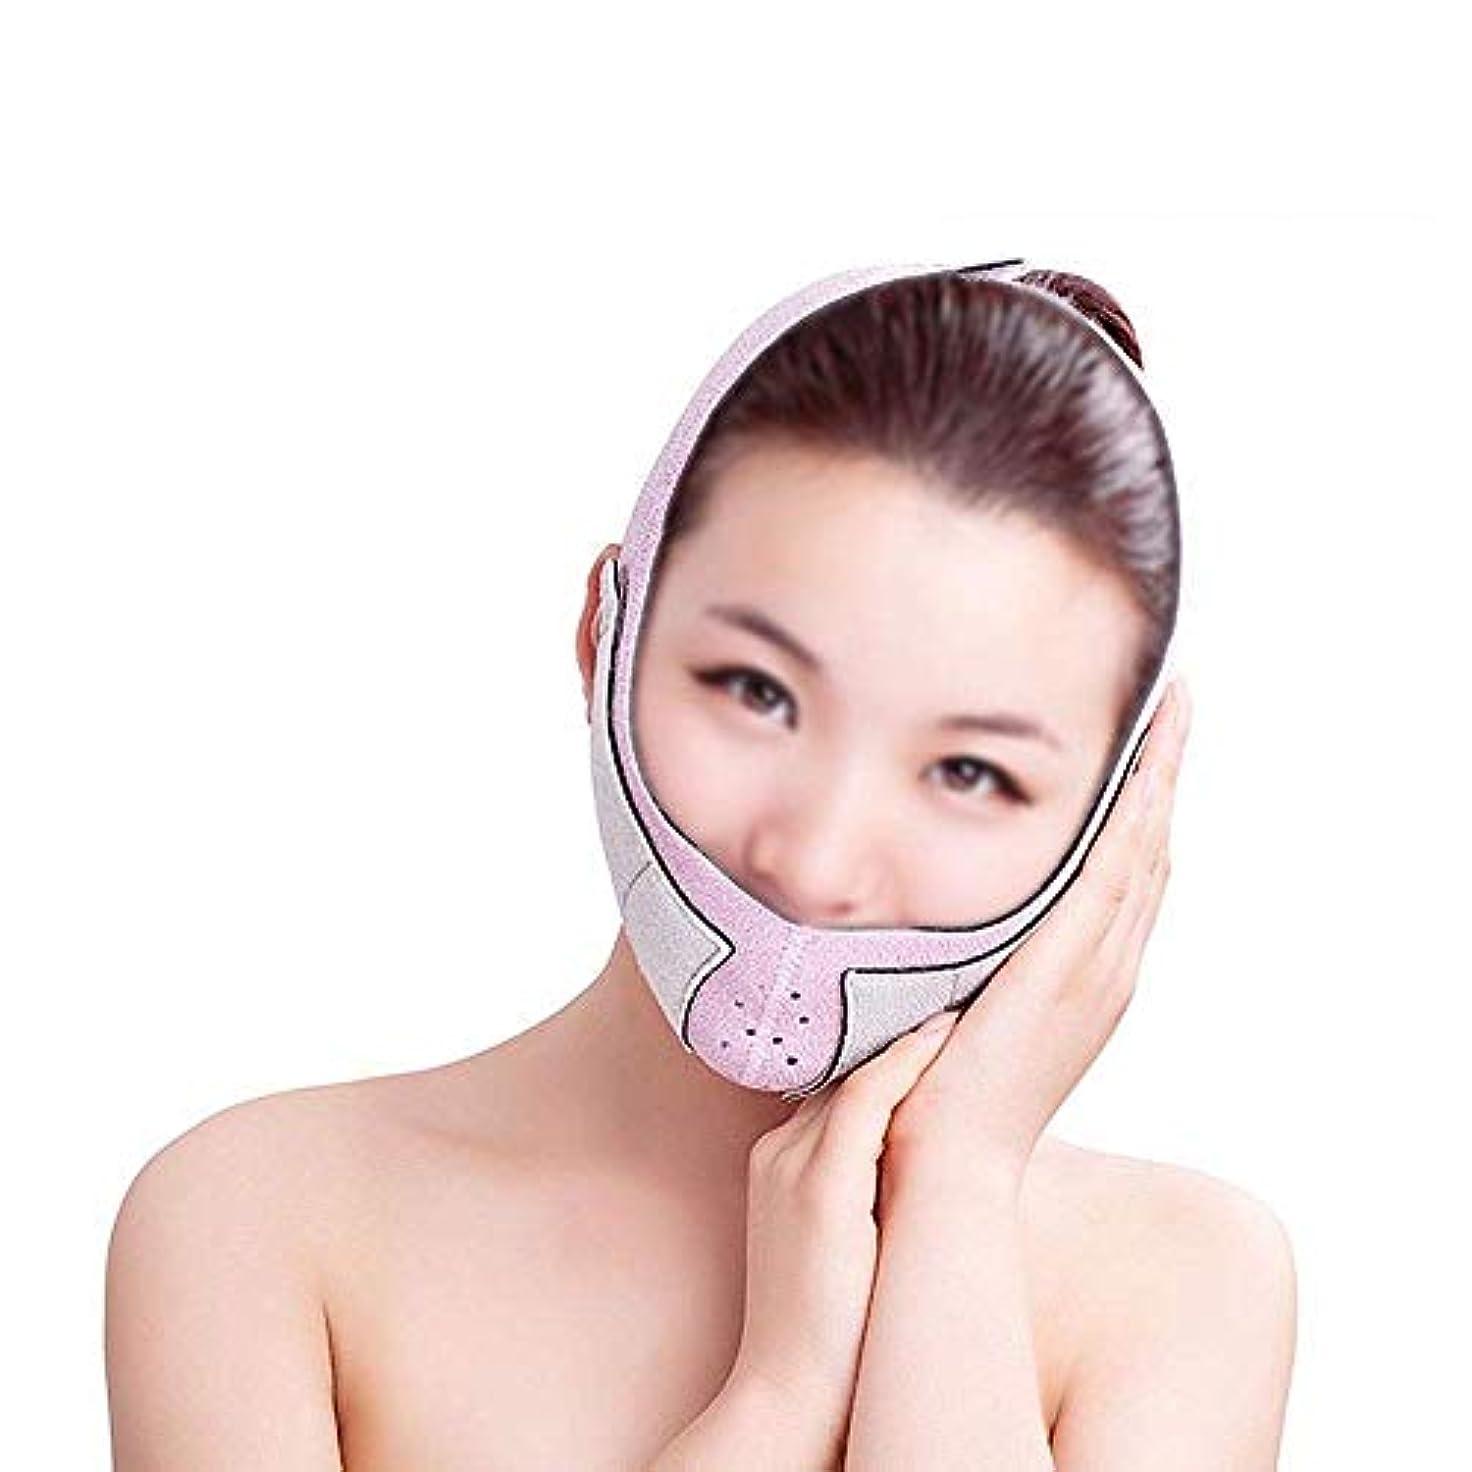 保護する志す地雷原フェイスリフトマスク、スリミングベルト薄いフェイスマスク強力なリフティング小さなV顔薄い顔包帯美容顔リフティングデバイス